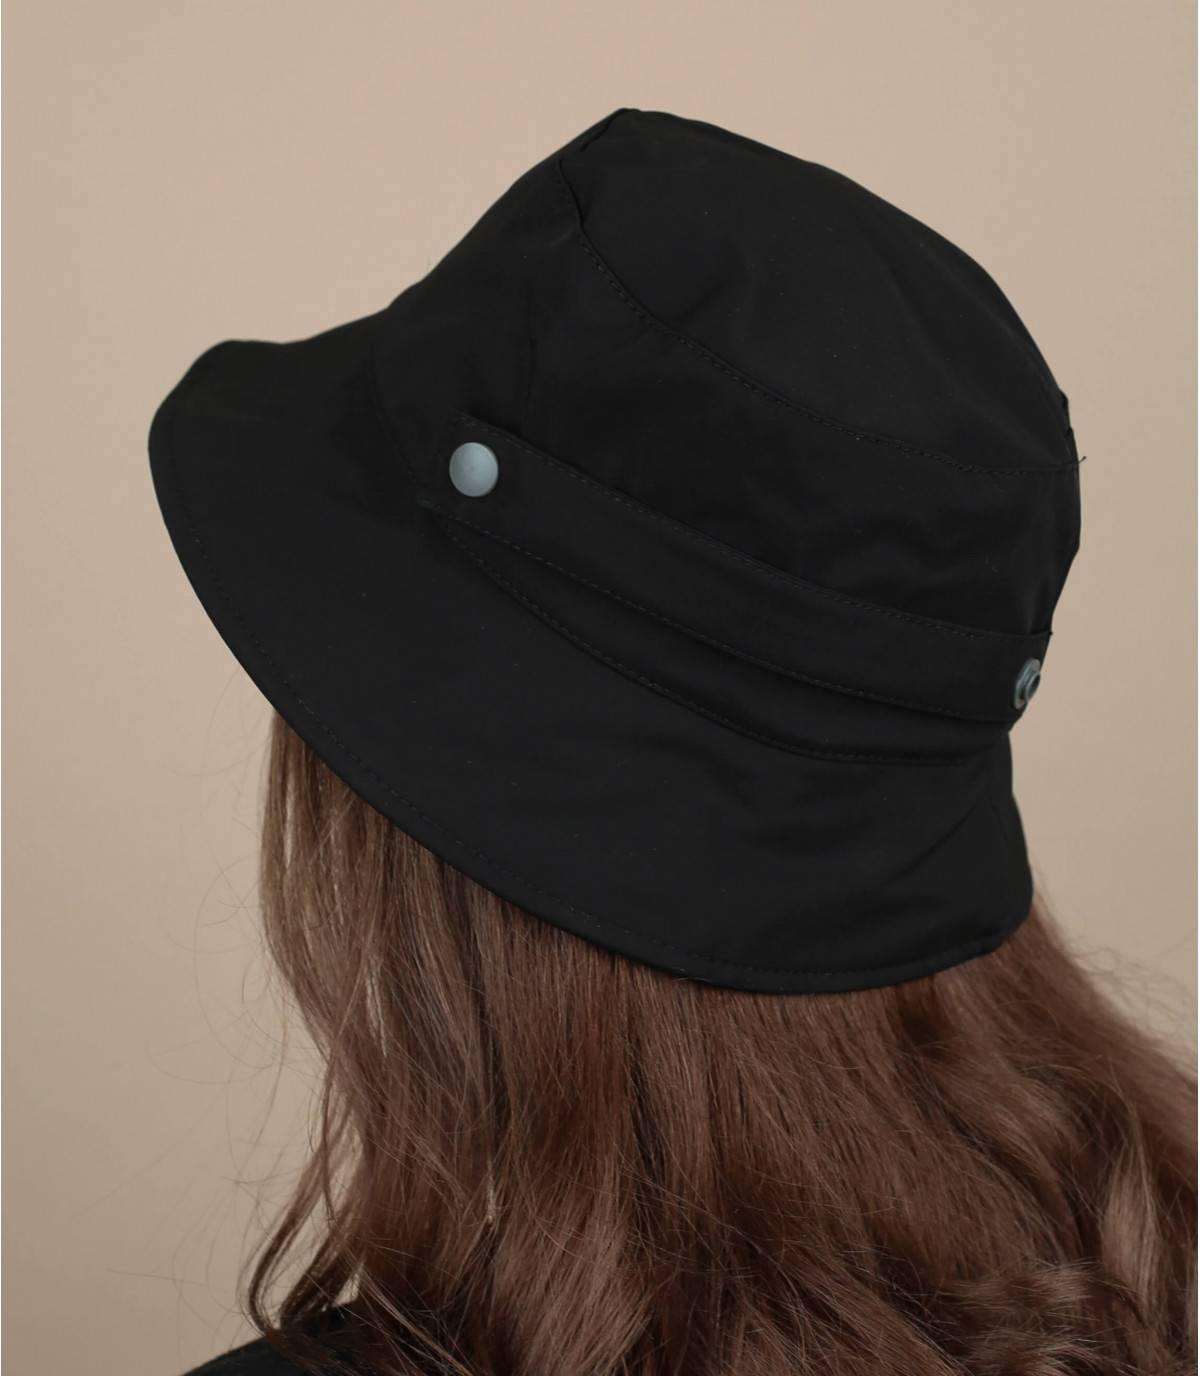 cappello da pescatore idrorepellente nero